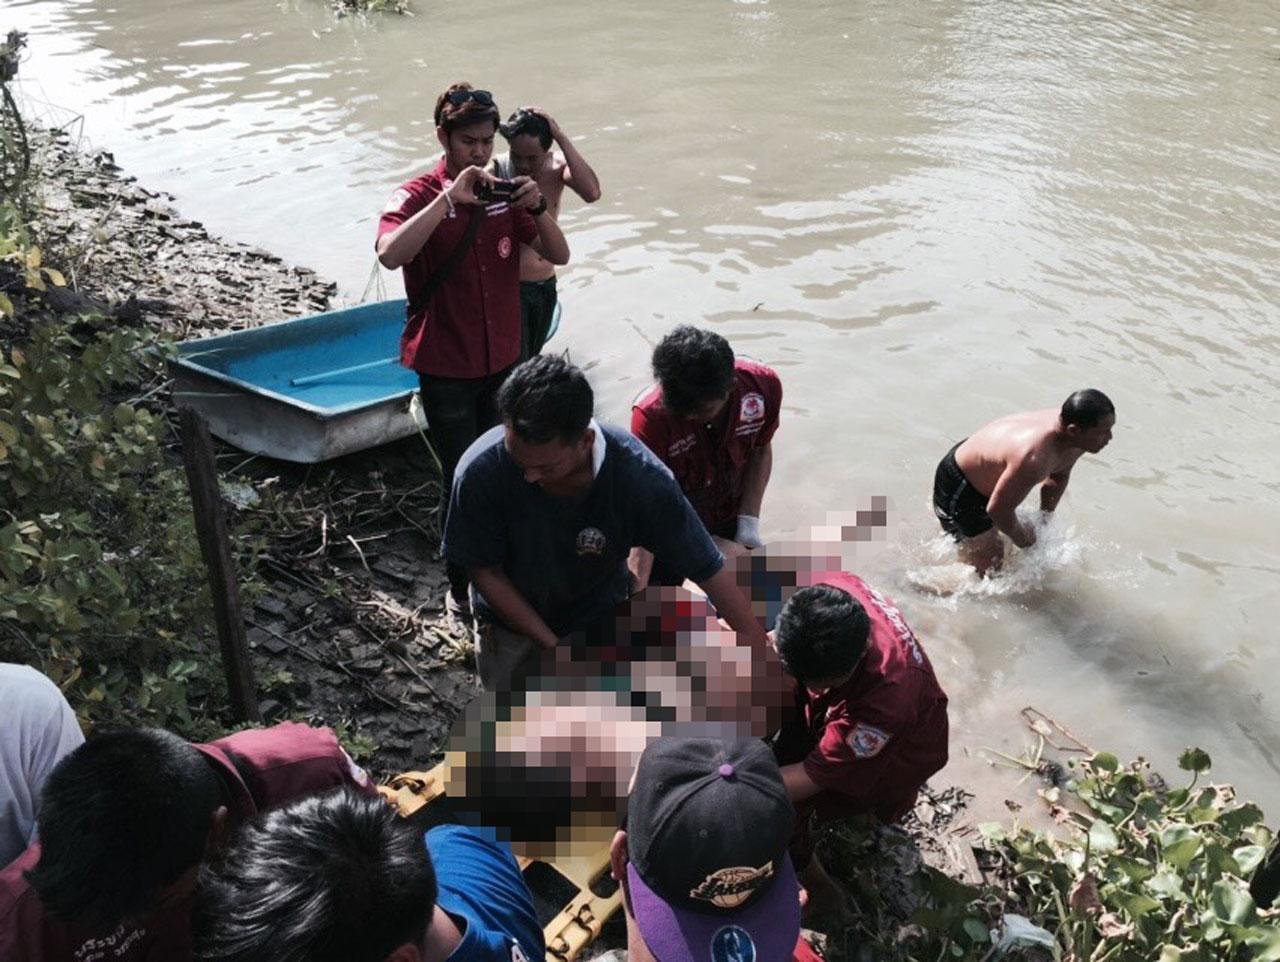 จนท.กู้ภัย งมหาศพเด็กวัยรุ่น ที่จมน้ำเสียชีวิตในคลองบางบาลจนเจอ ขณะชาวบ้าน ร่ำลือ ว่ามีอาถรรพ์